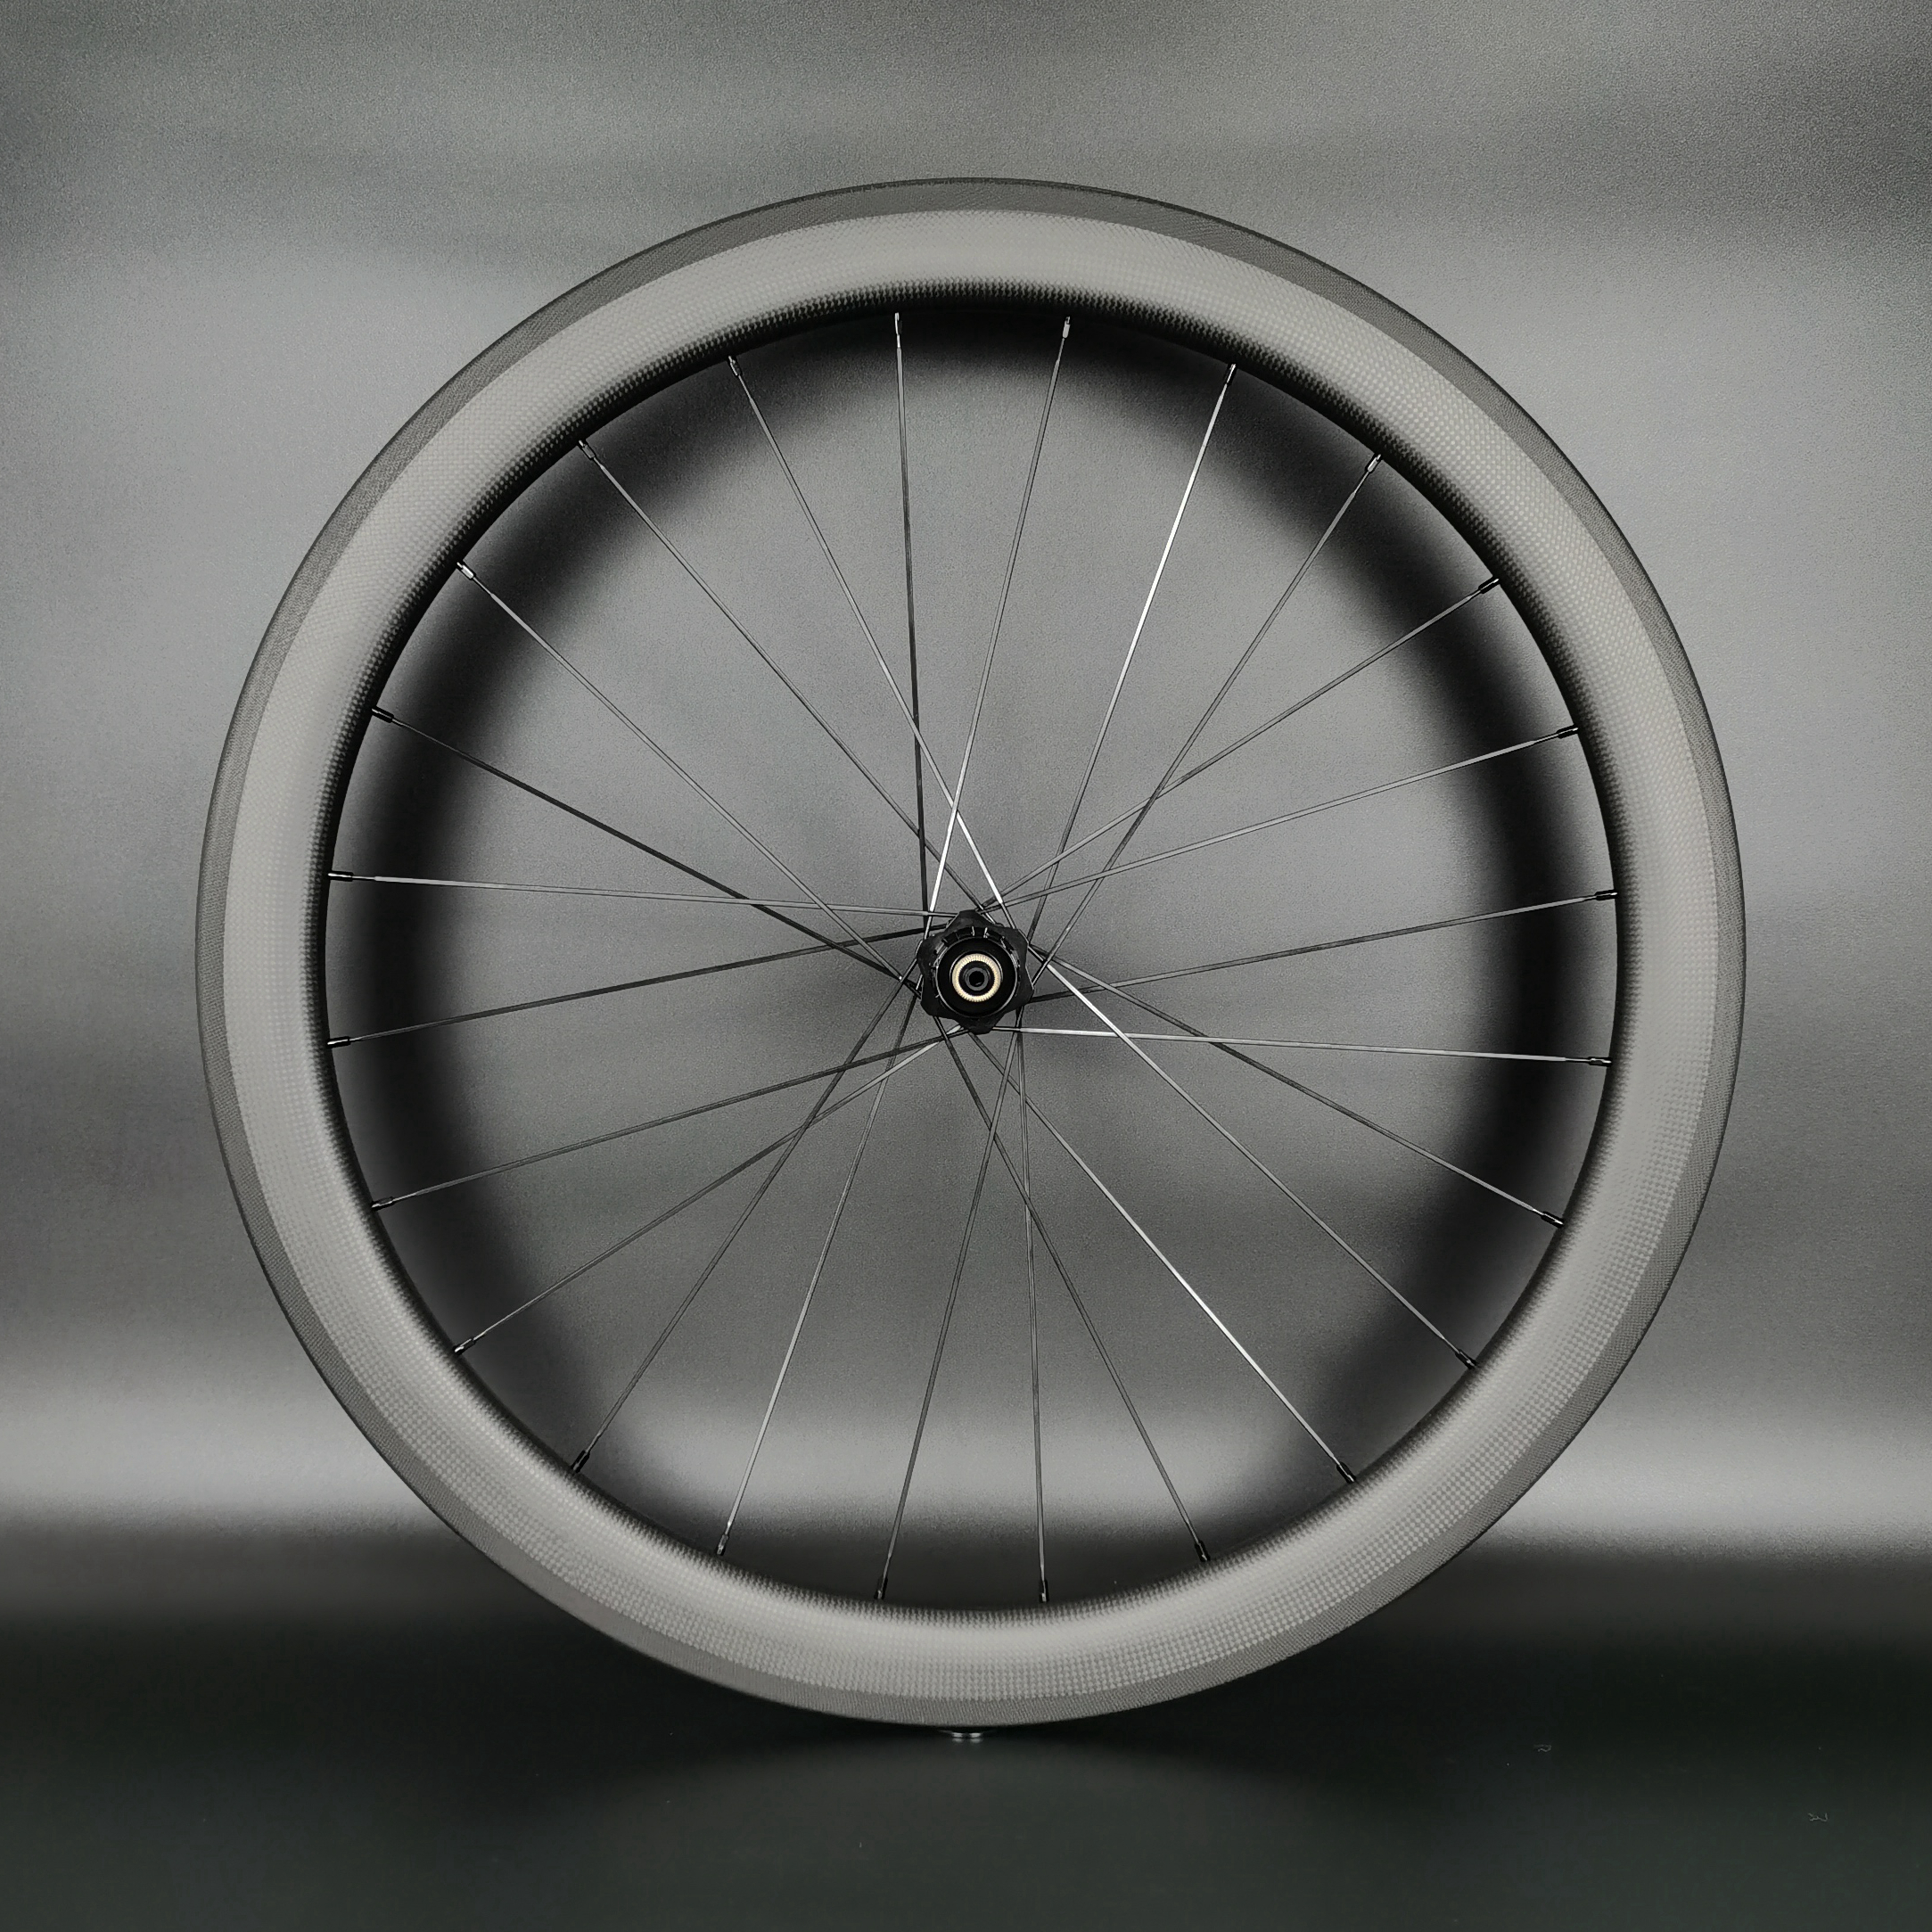 Image 4 - Ruedas de carbono para bicicleta de carretera 700C, cubierta de 50mm de profundidad y 25mm de ancho, juego de ruedas de carbono Tubular para bicicleta con acabado mate 3kRueda de bicicleta   -